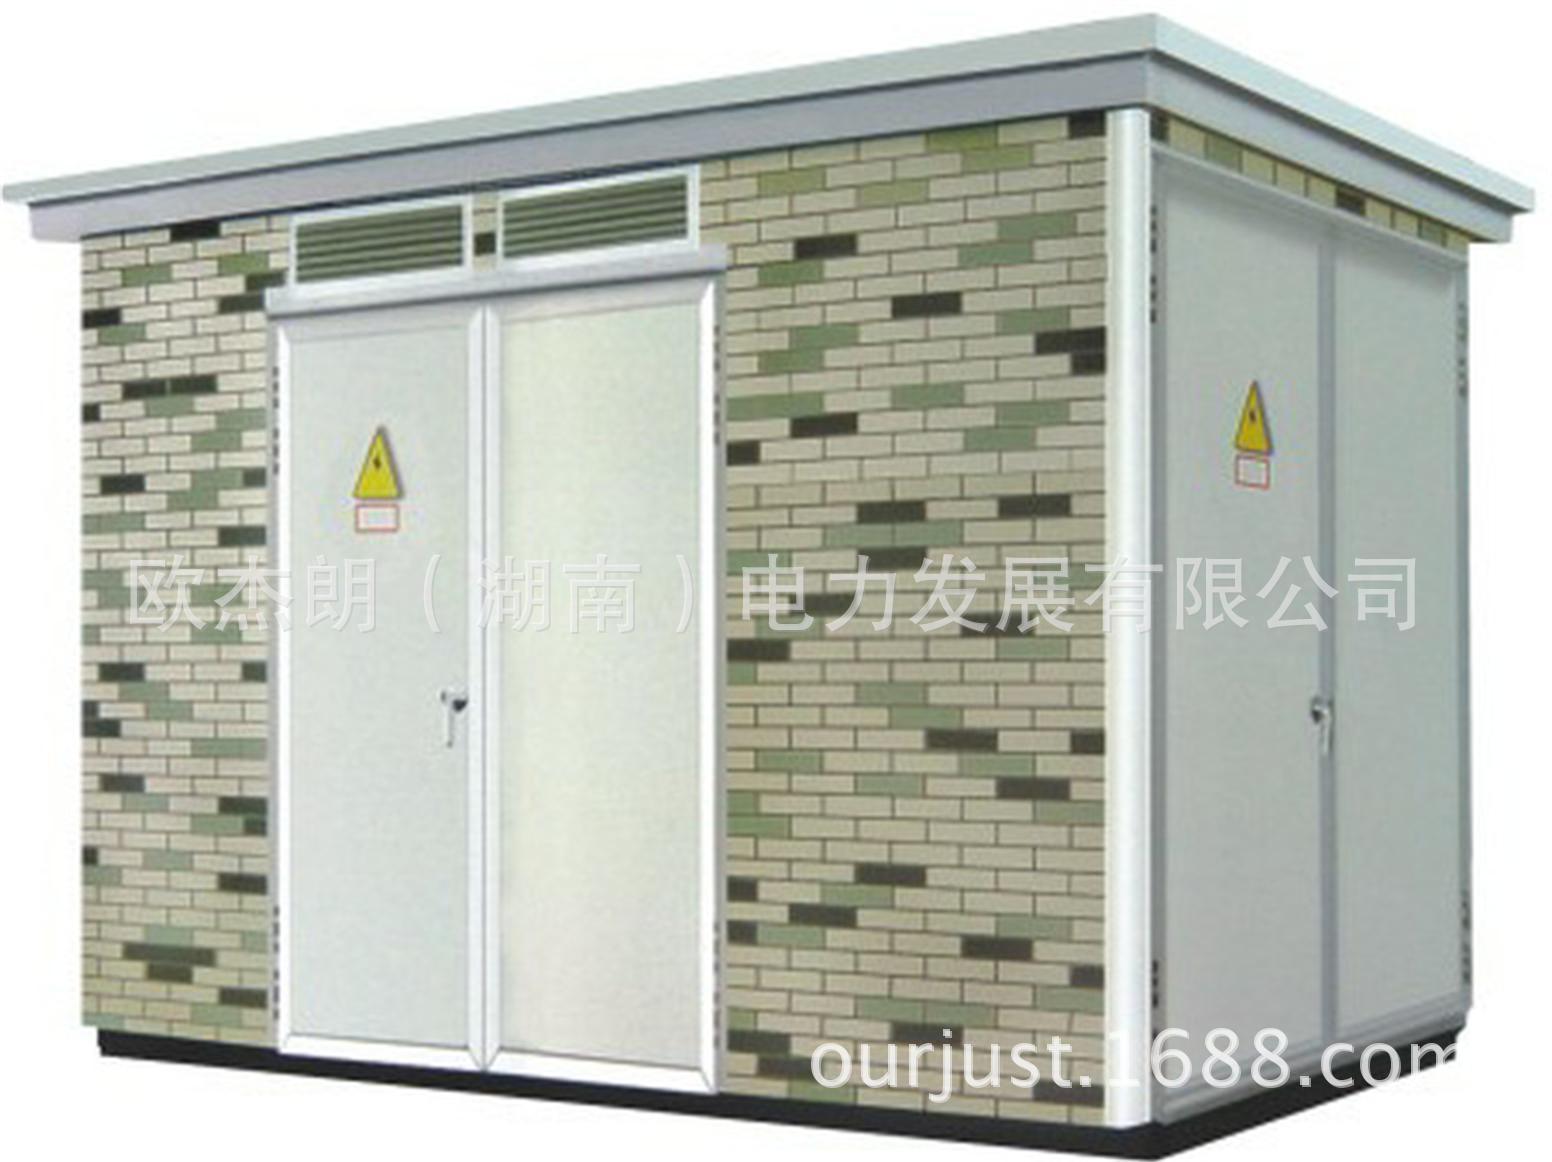 Trạm tiến trình thay đổi loại hộp 630kva 400k châu Âu 1250kva hộp trở thành nhà sản xuất máy biến áp